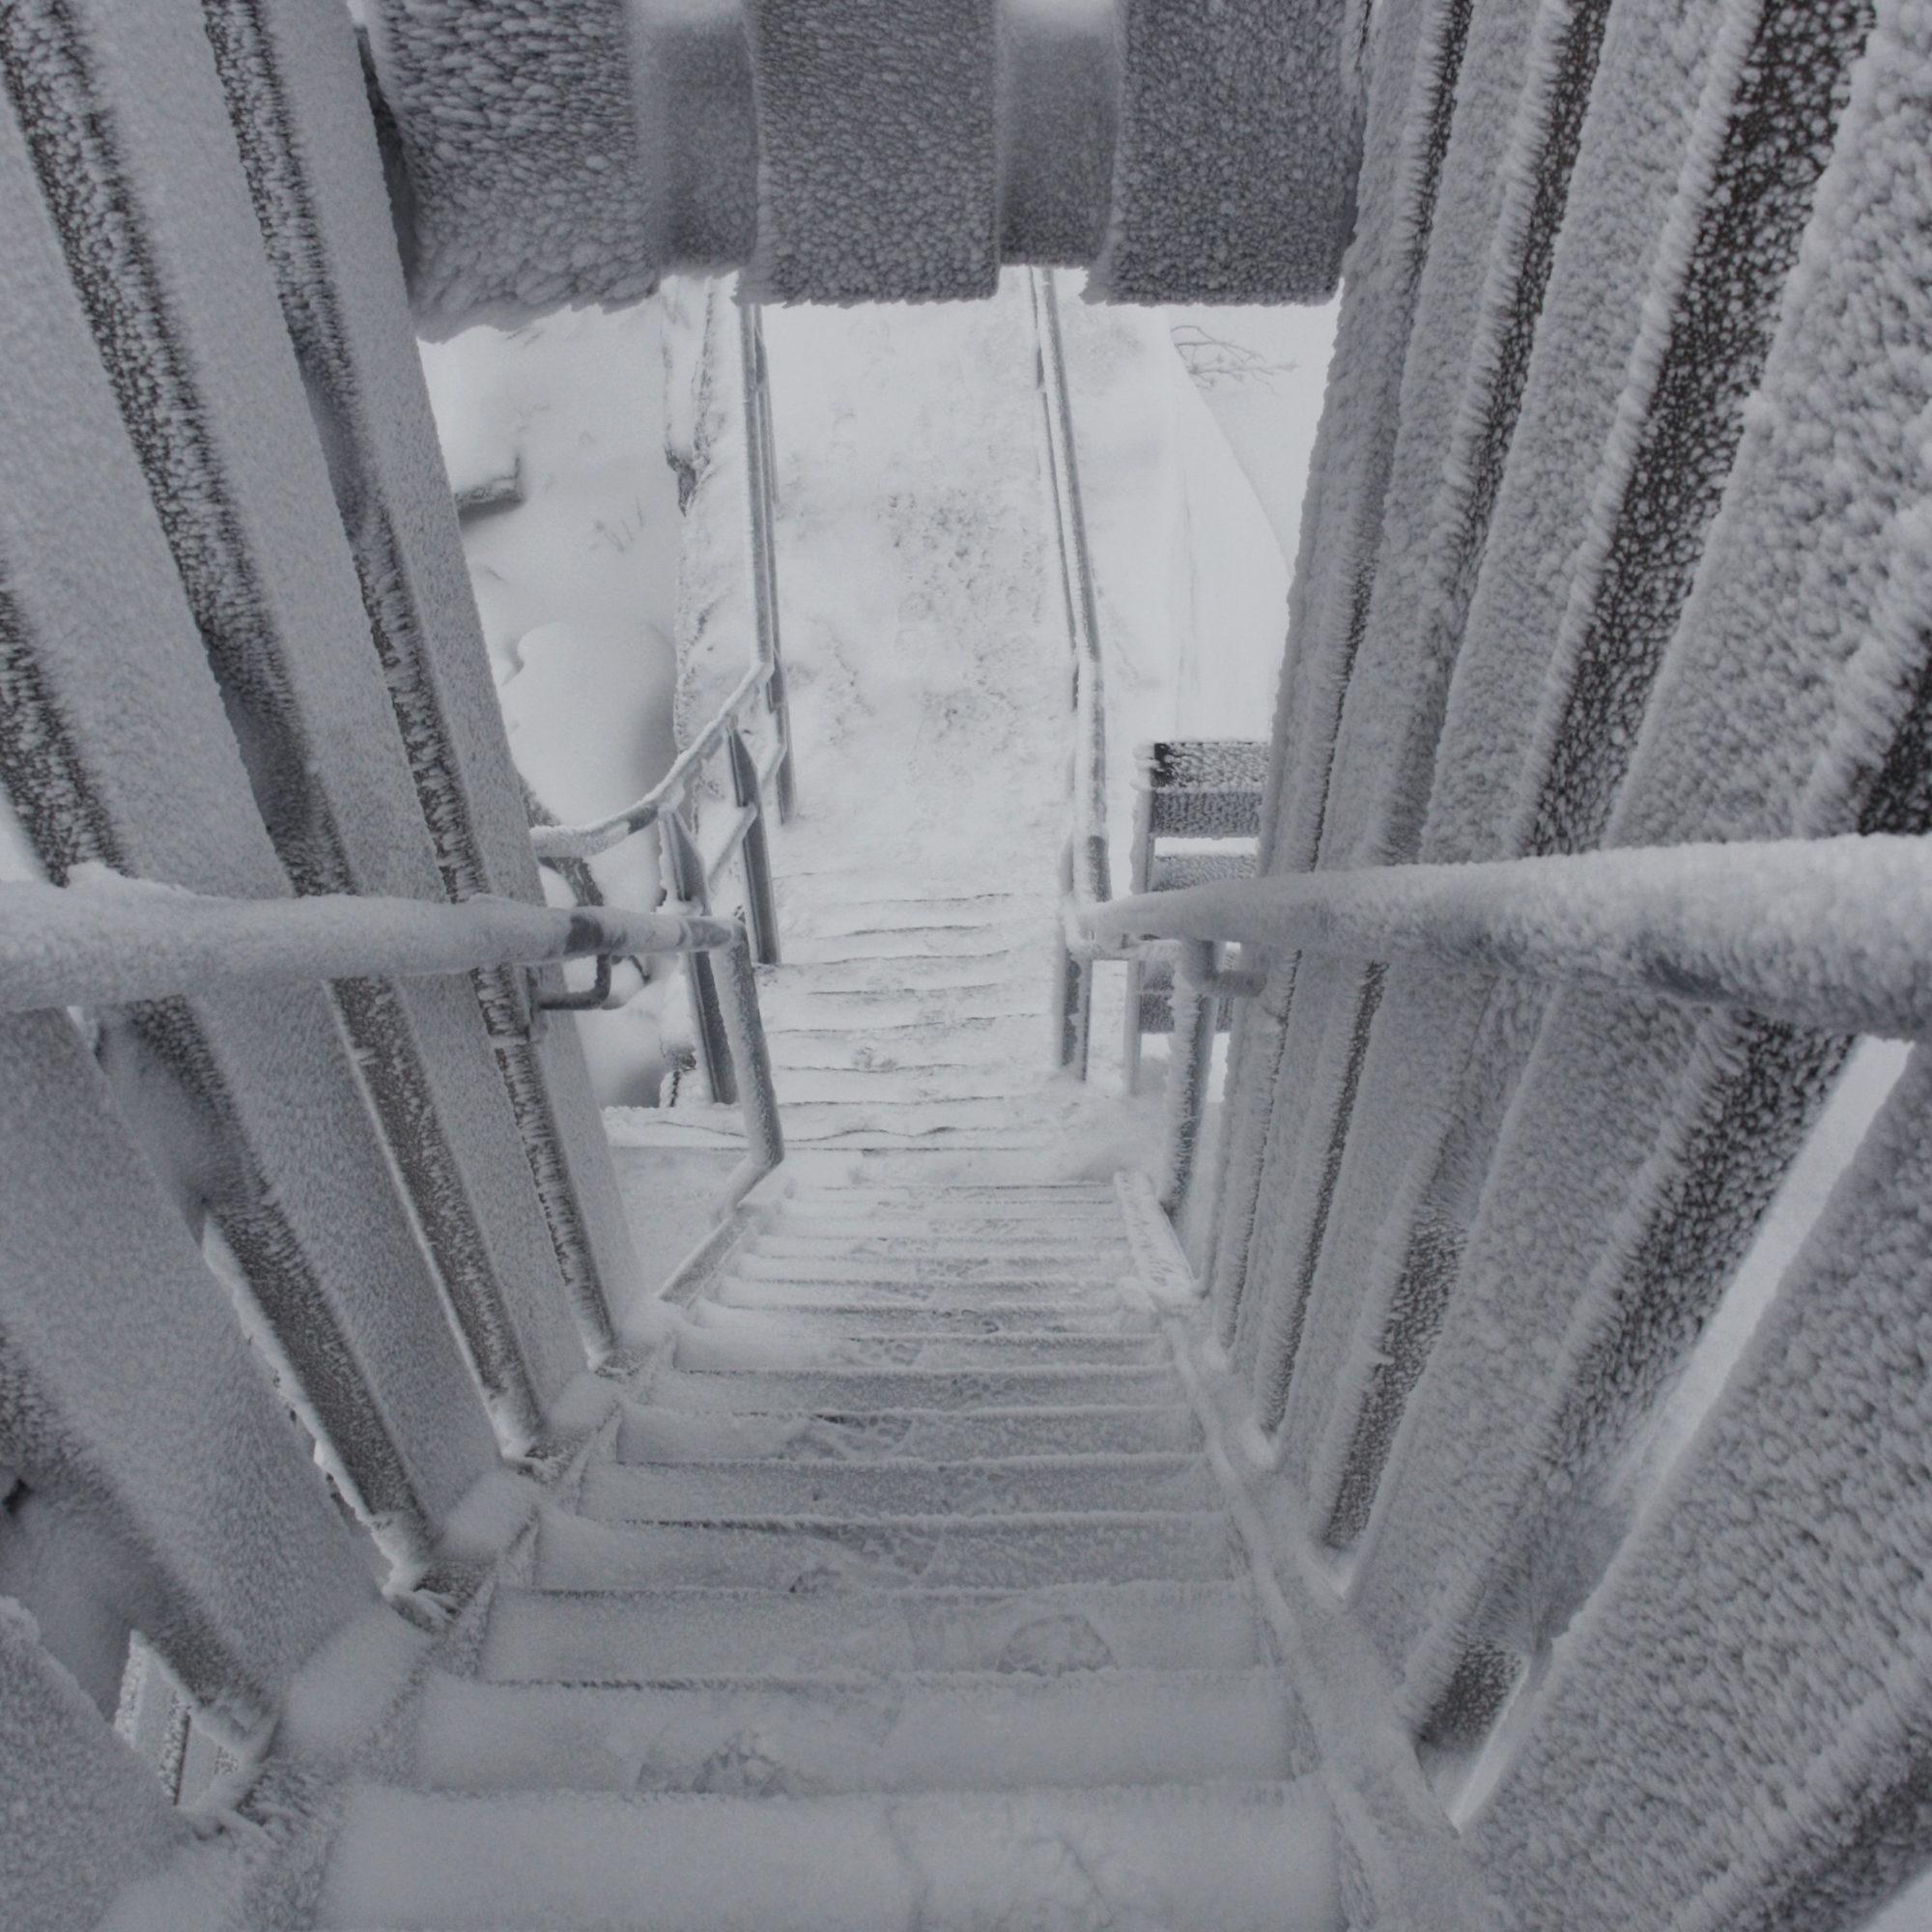 Aussichtsplatform vom Schneeberg